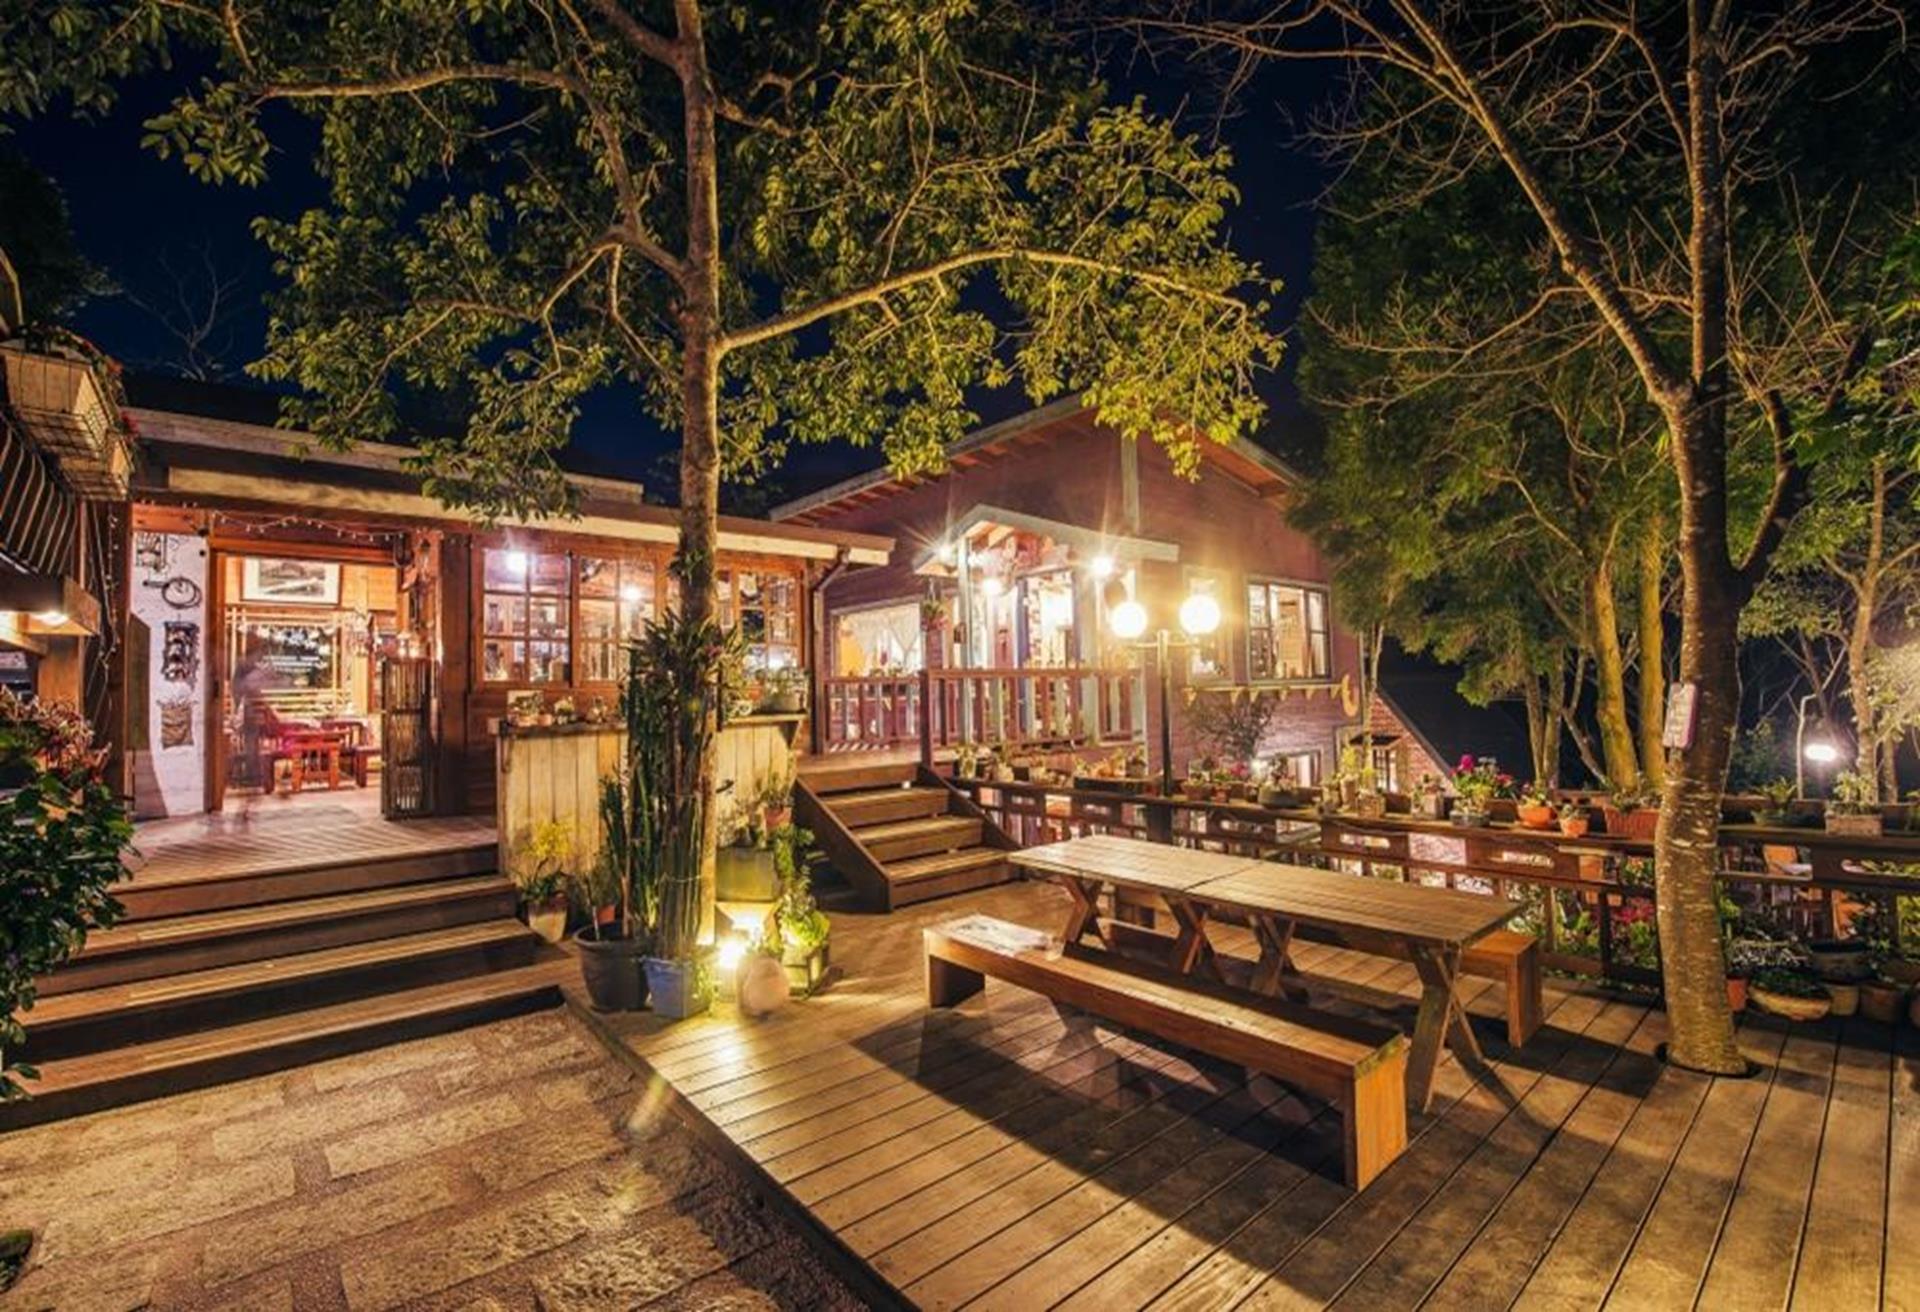 苗栗南庄飯店住宿推薦 - 南庄橄欖樹咖啡民宿,入夜後能坐在庭院喝茶聊天